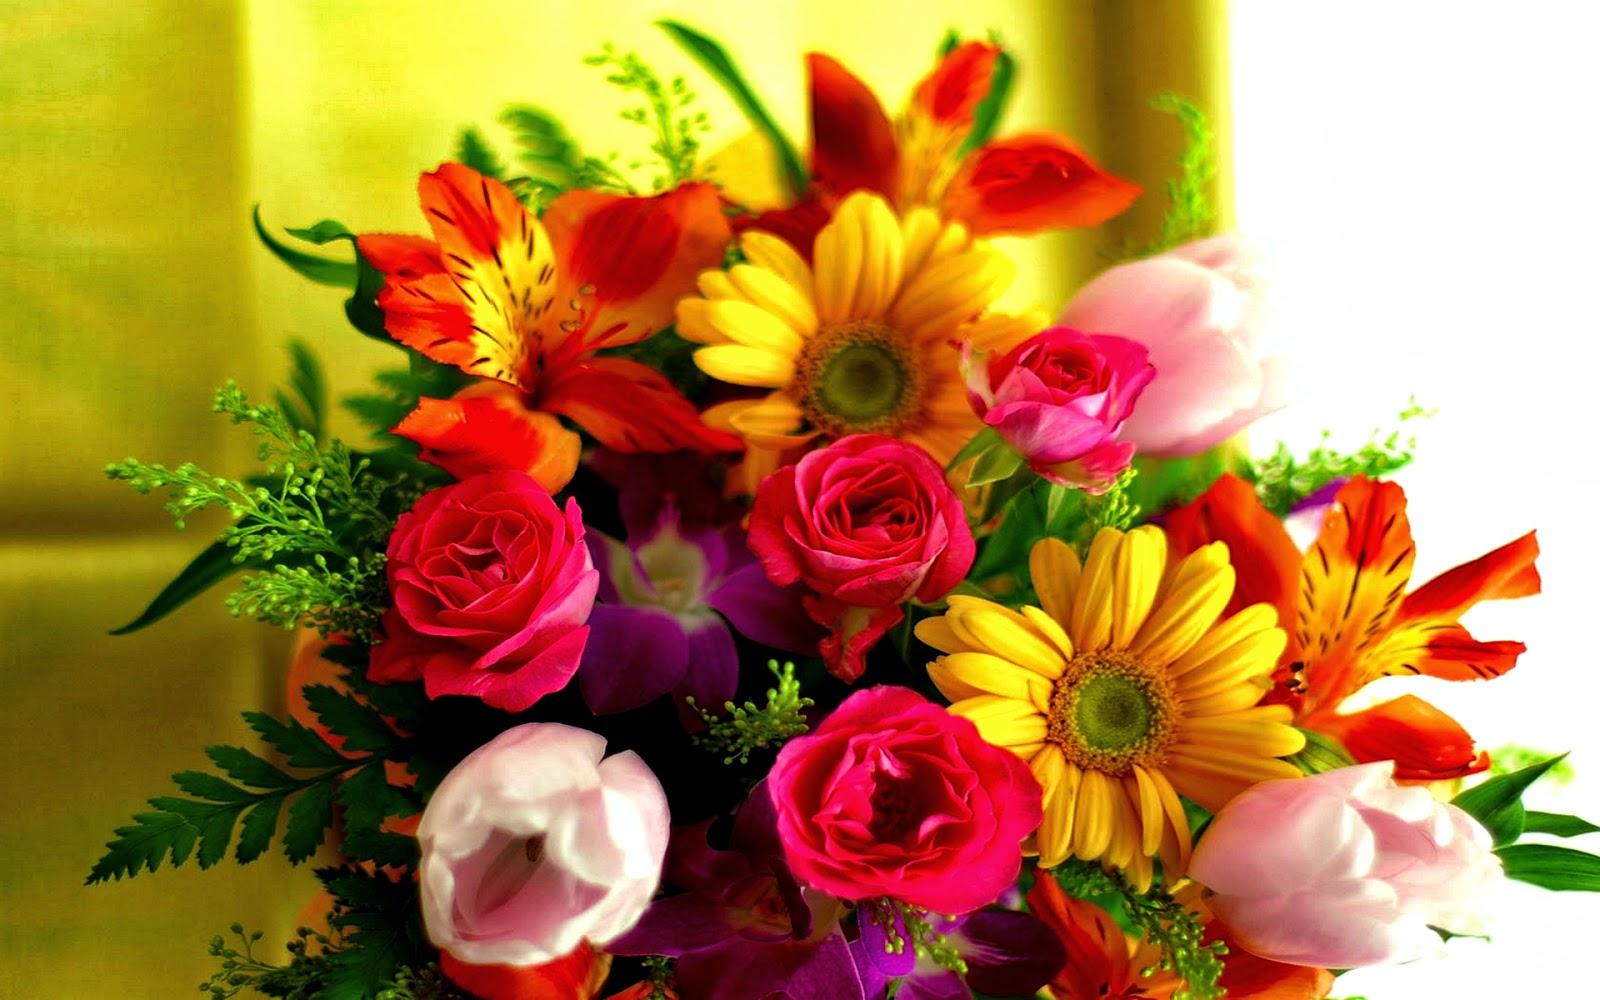 Flowers hd wallpapers izmirmasajfo